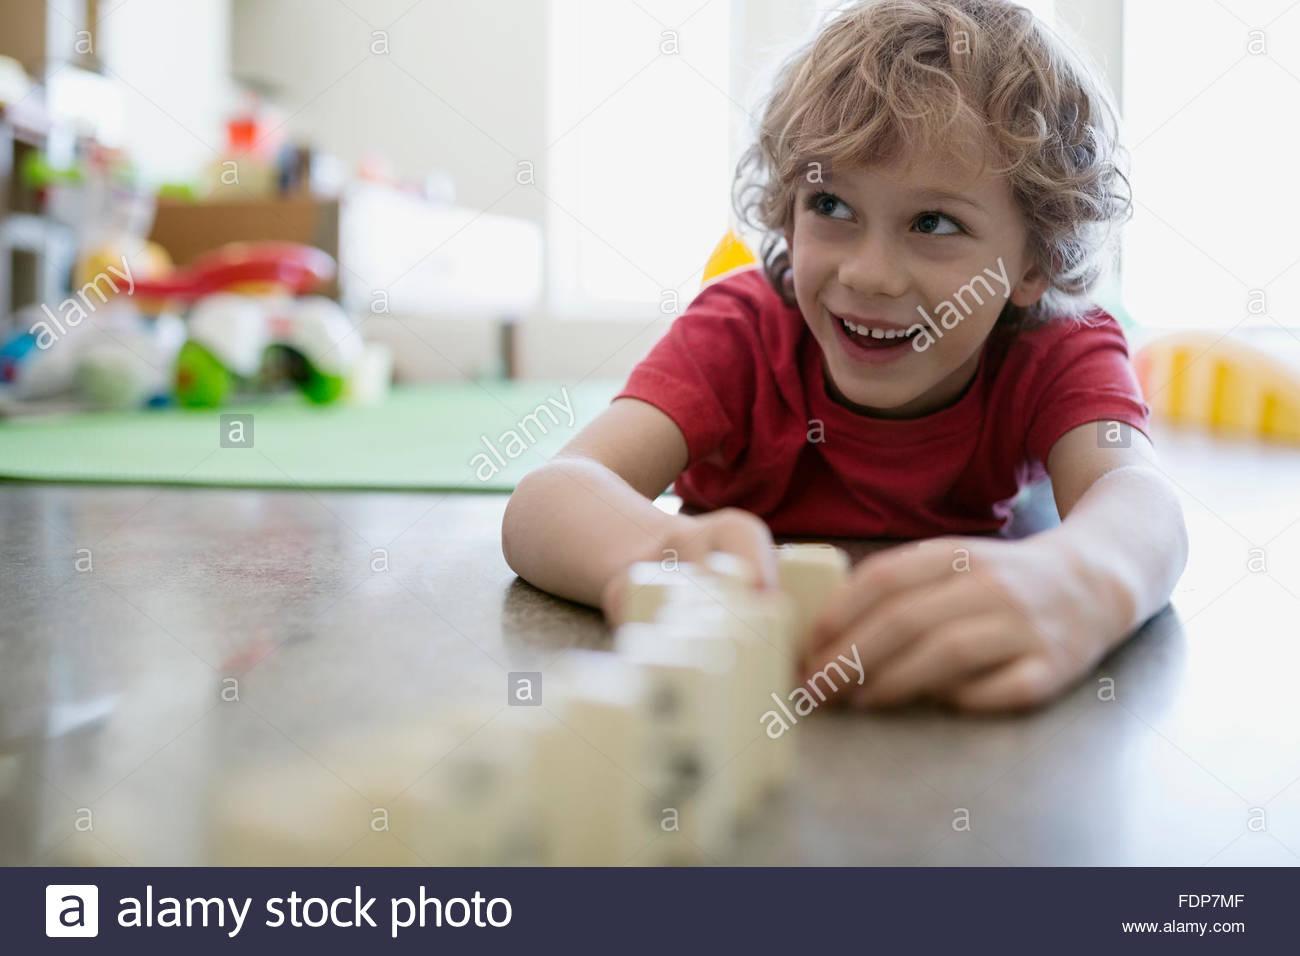 Sorridente ragazzo giocando con effetto domino sul pavimento Immagini Stock